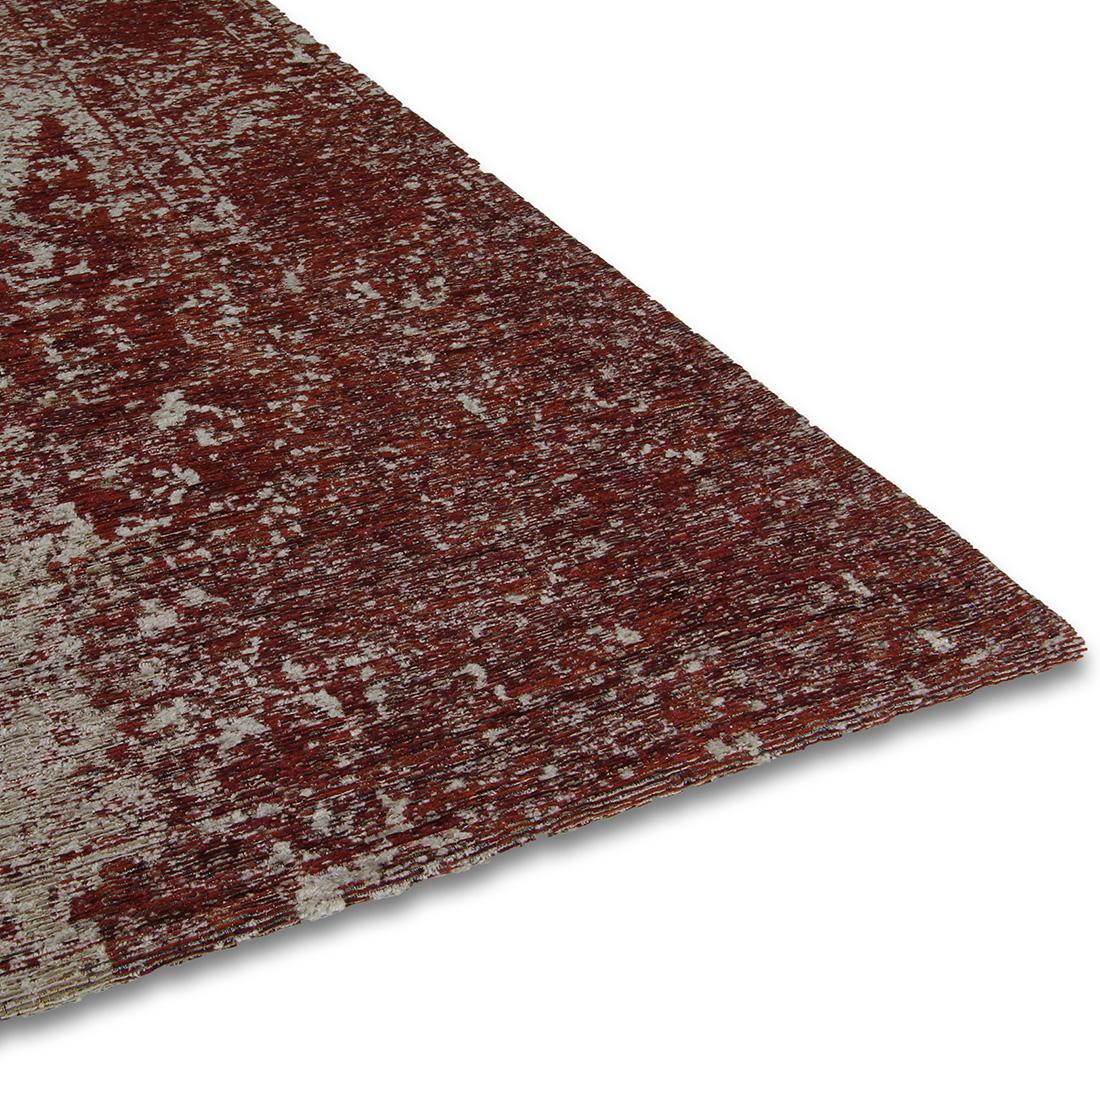 Vloerkleed Brinker Meda Wine Red | 170 x 230 cm